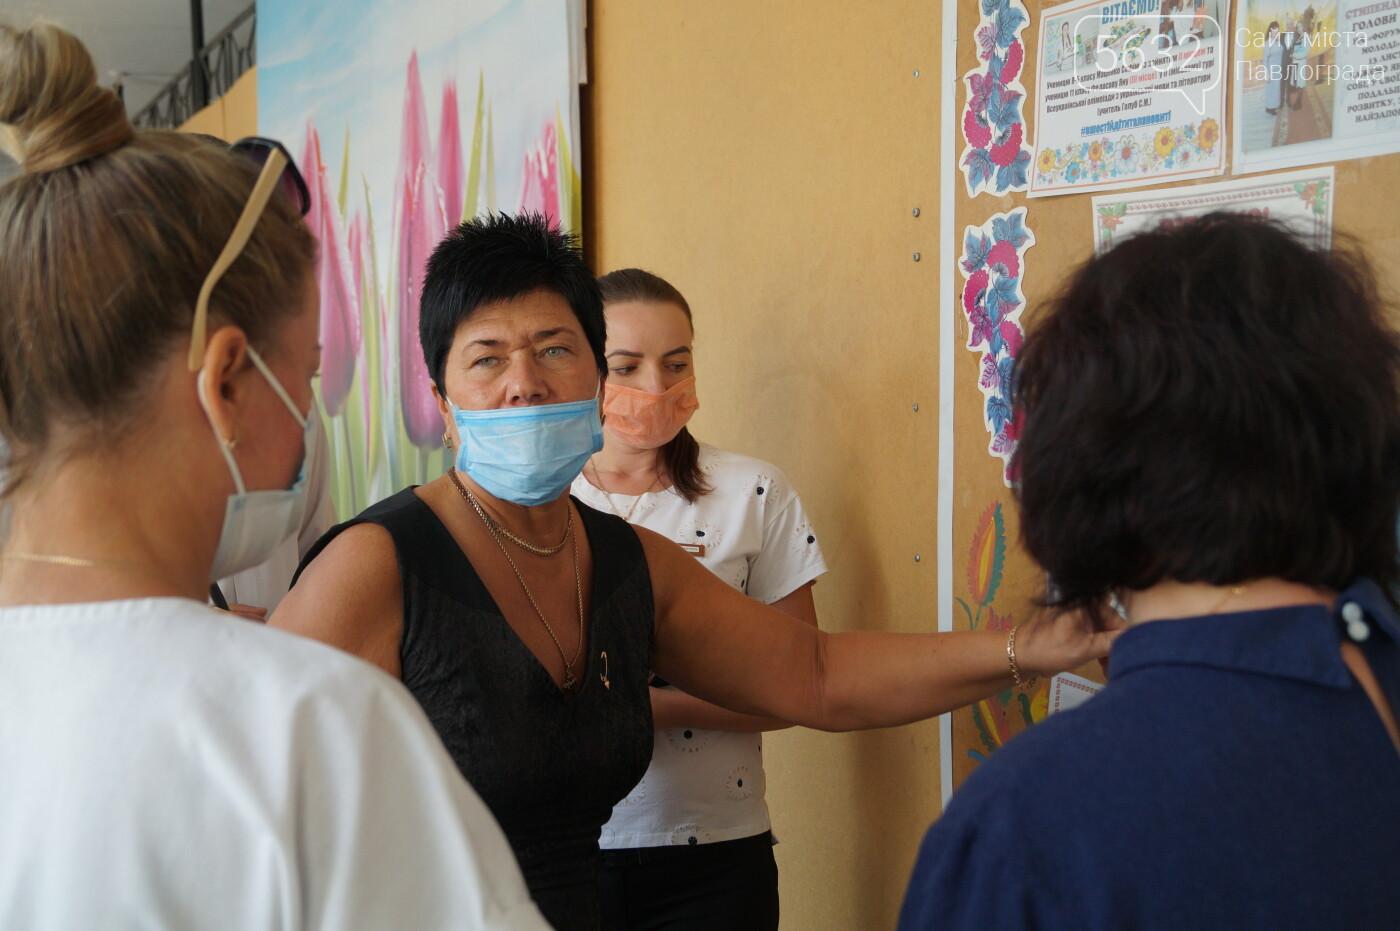 Санитайзеры и медицинские маски: как школы Павлограда готовятся к новому учебному году (ФОТО), фото-14